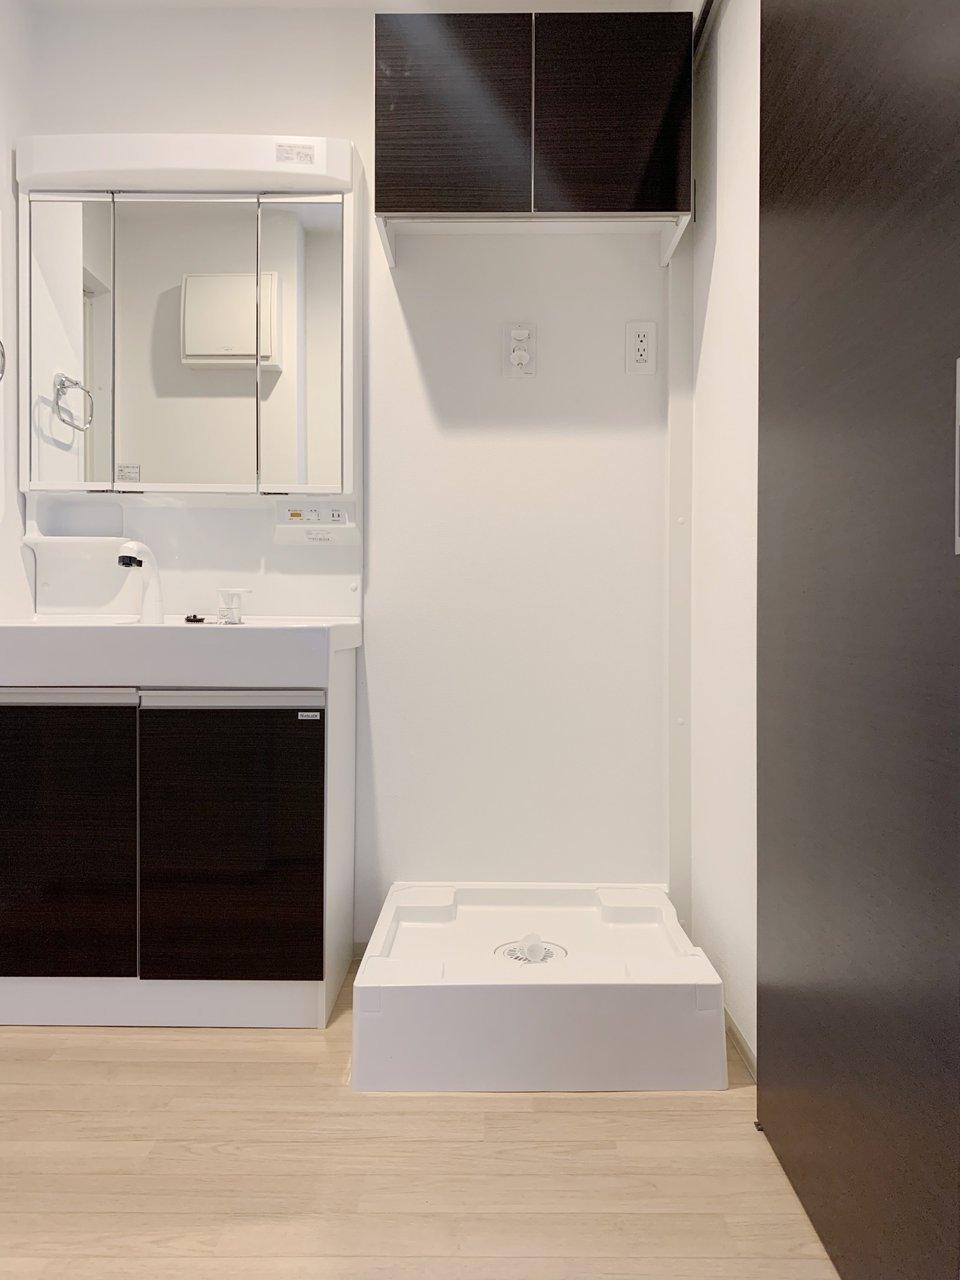 独立洗面台もあって、嬉しいです!